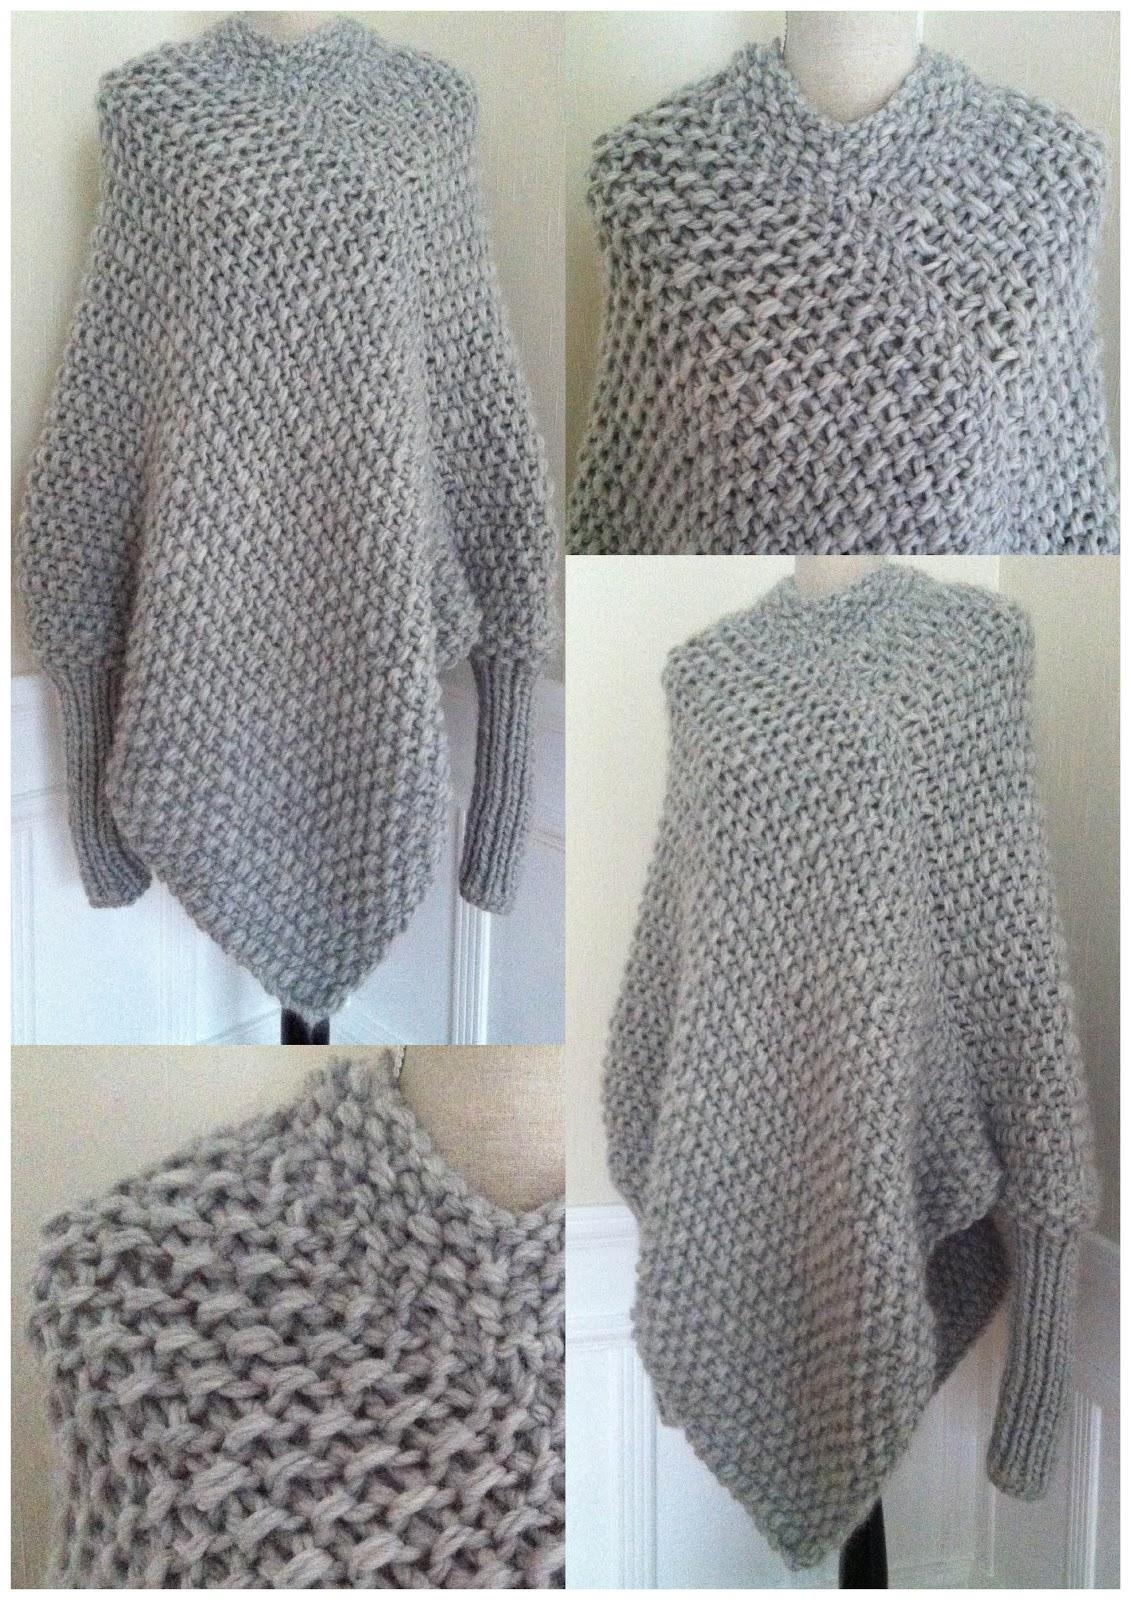 Knitting Pattern For Mens Poncho : marianne mirabelle: Strikket poncho genser med l?s hals og armer